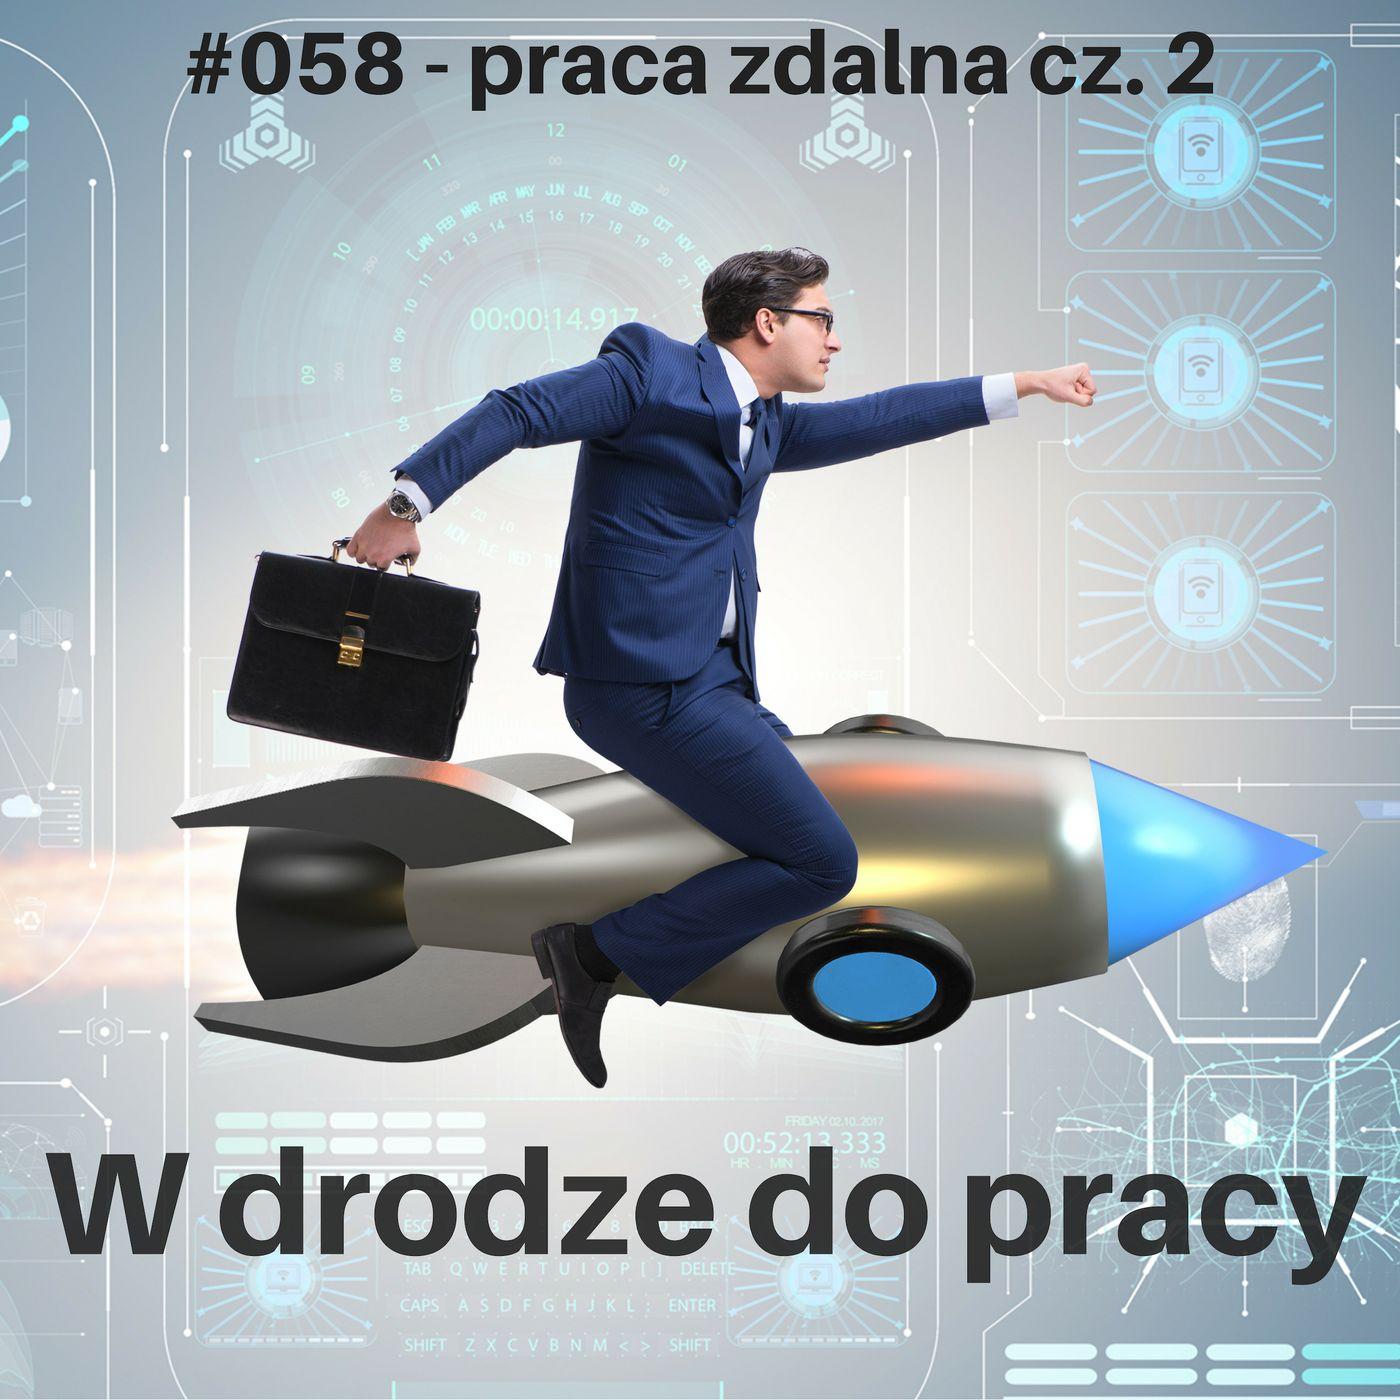 #058 - Zdalny zespół, czyli praca zdalna, cz. 2